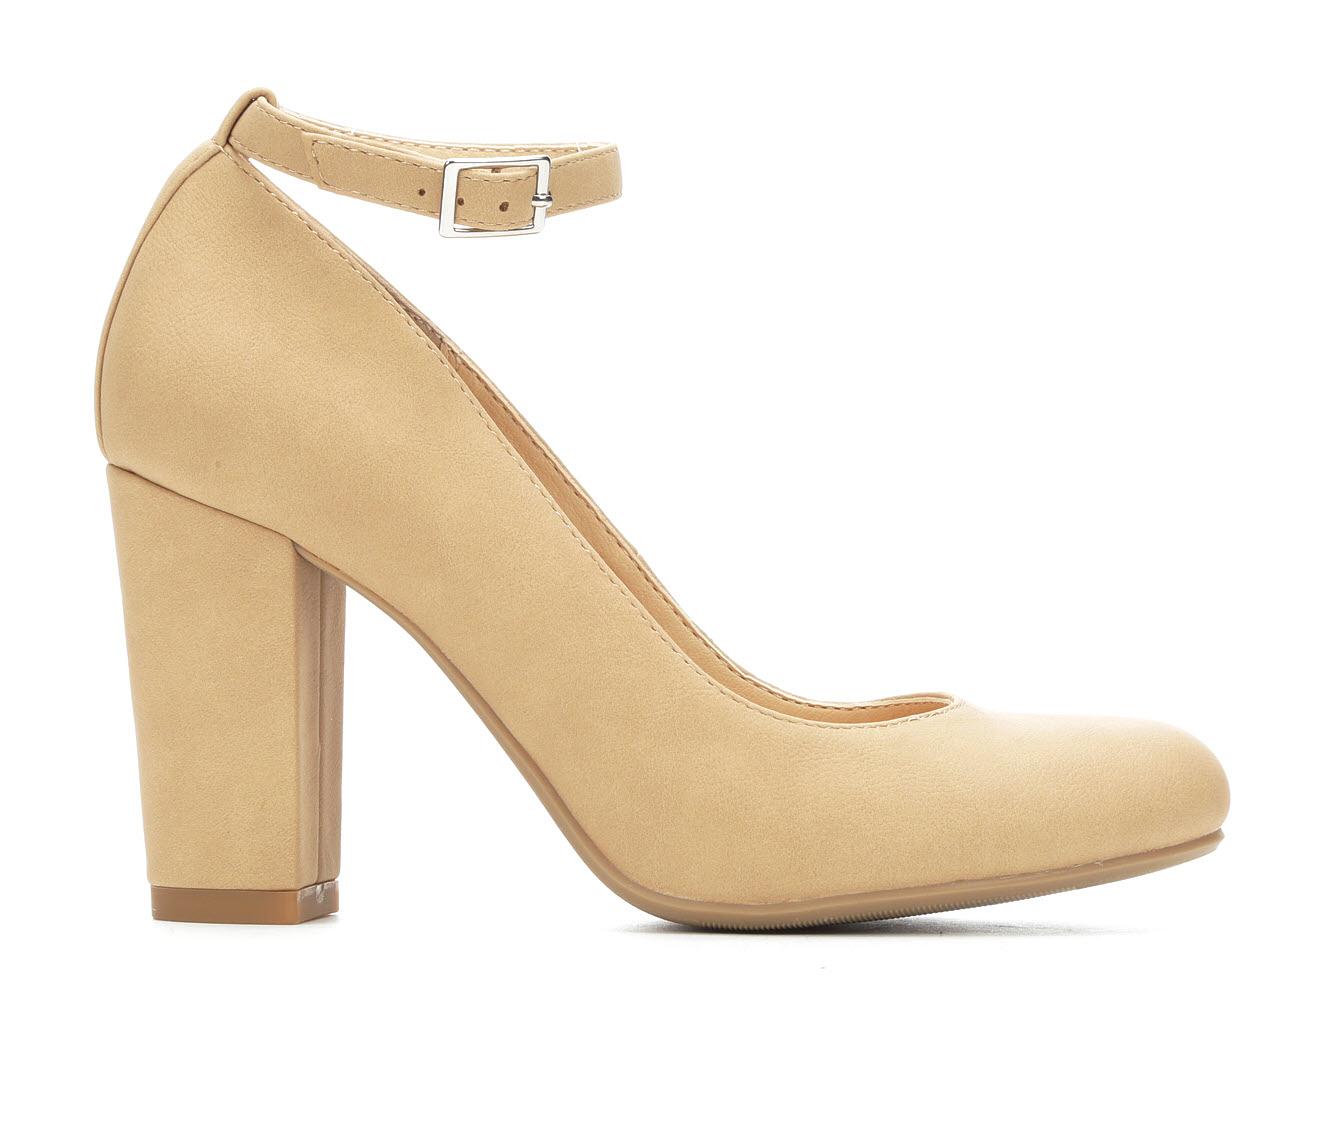 Y-Not Smith Women's Dress Shoe (Beige Faux Leather)